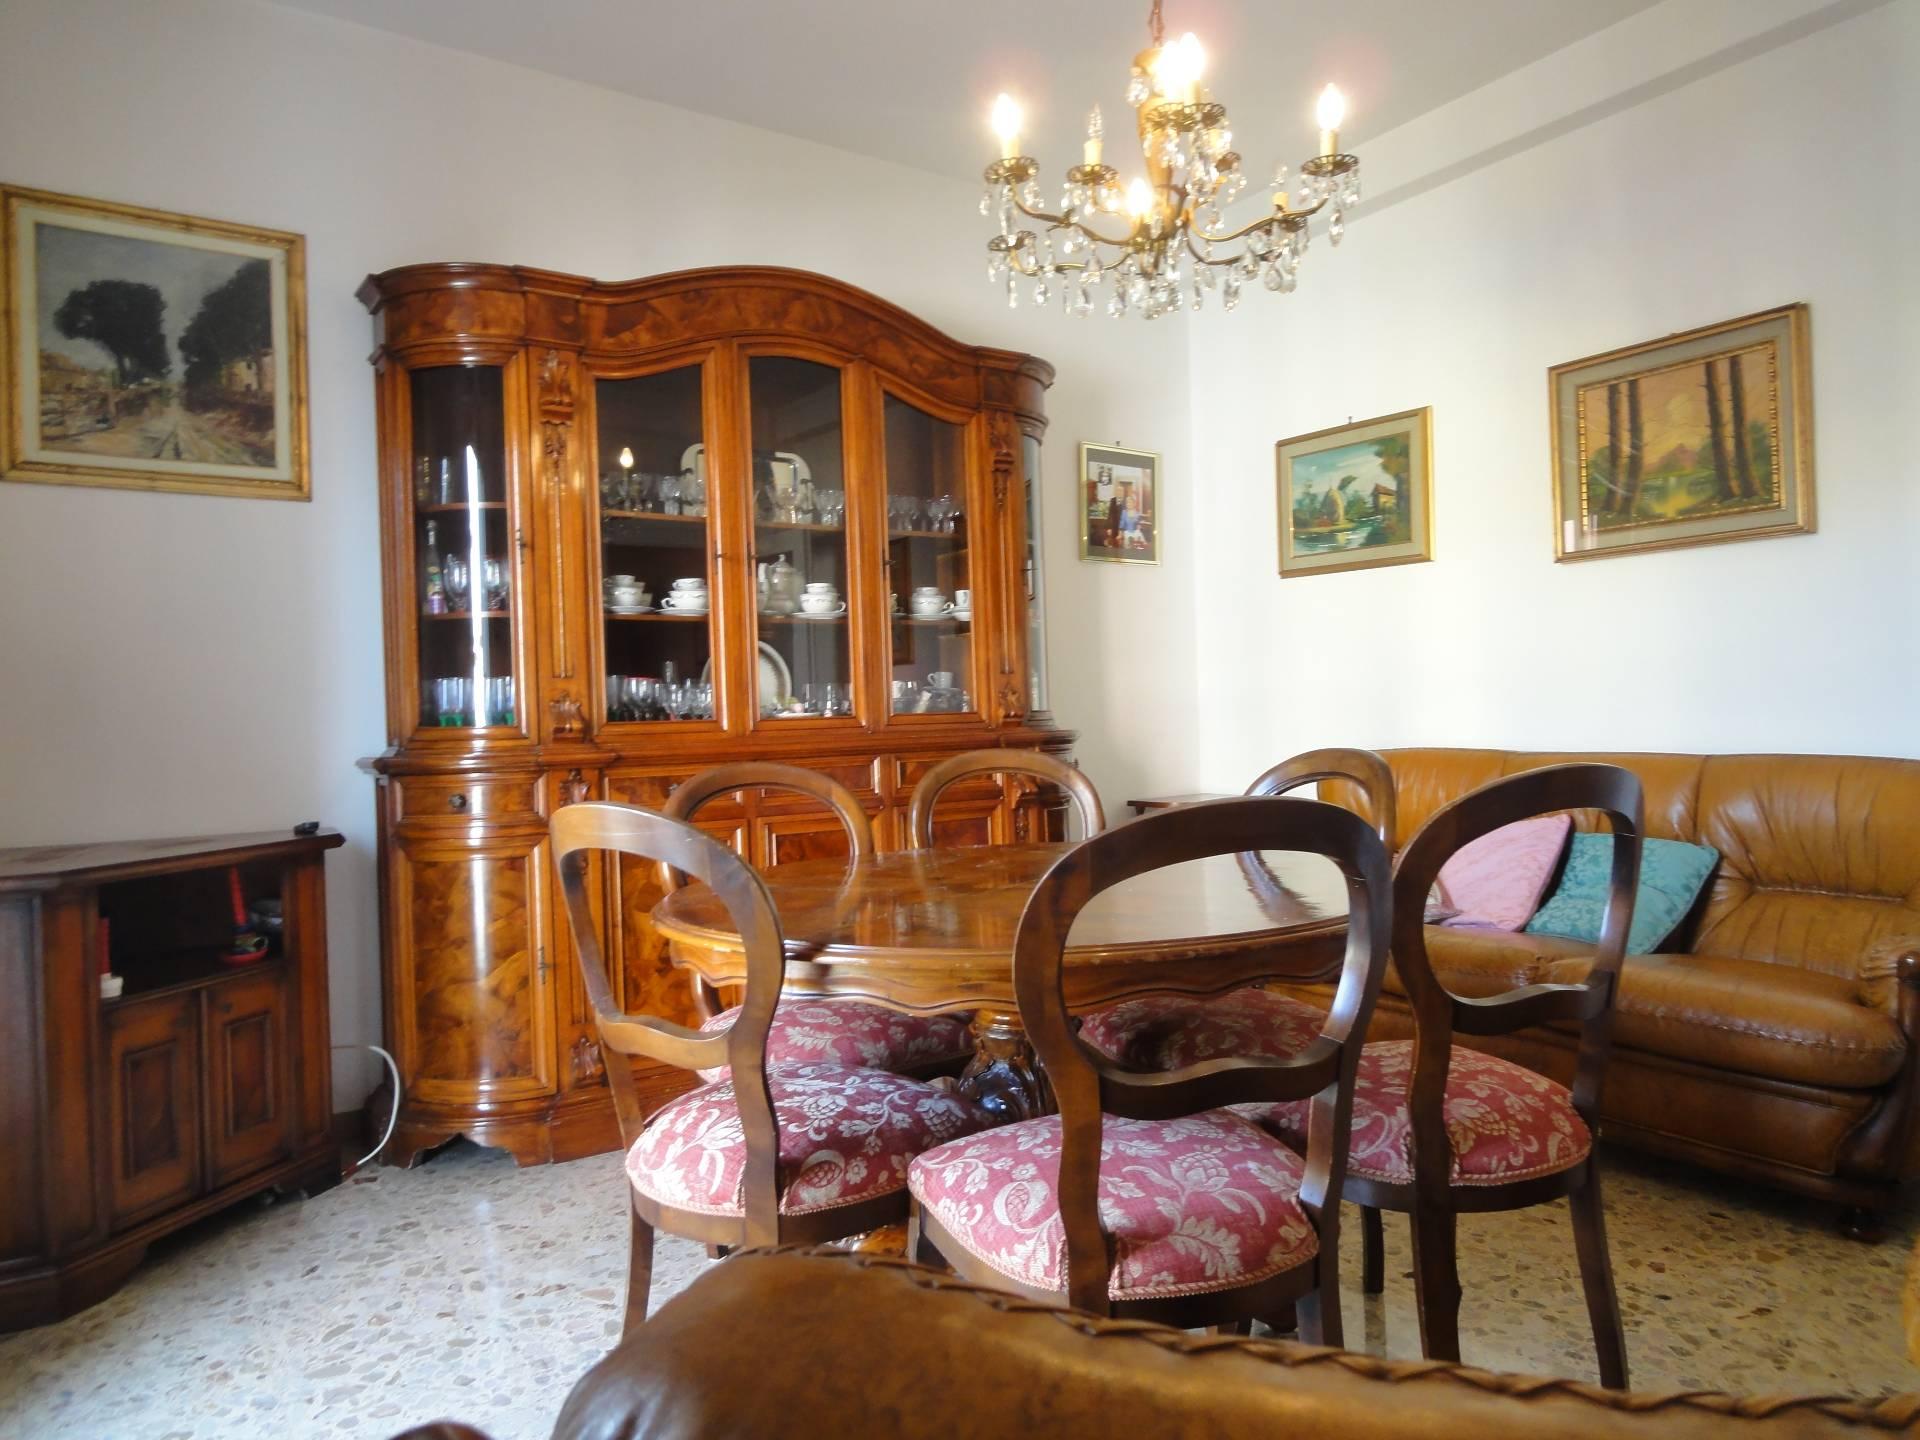 Appartamento in vendita a Pontedera, 6 locali, zona Località: Centro, prezzo € 98.000 | CambioCasa.it